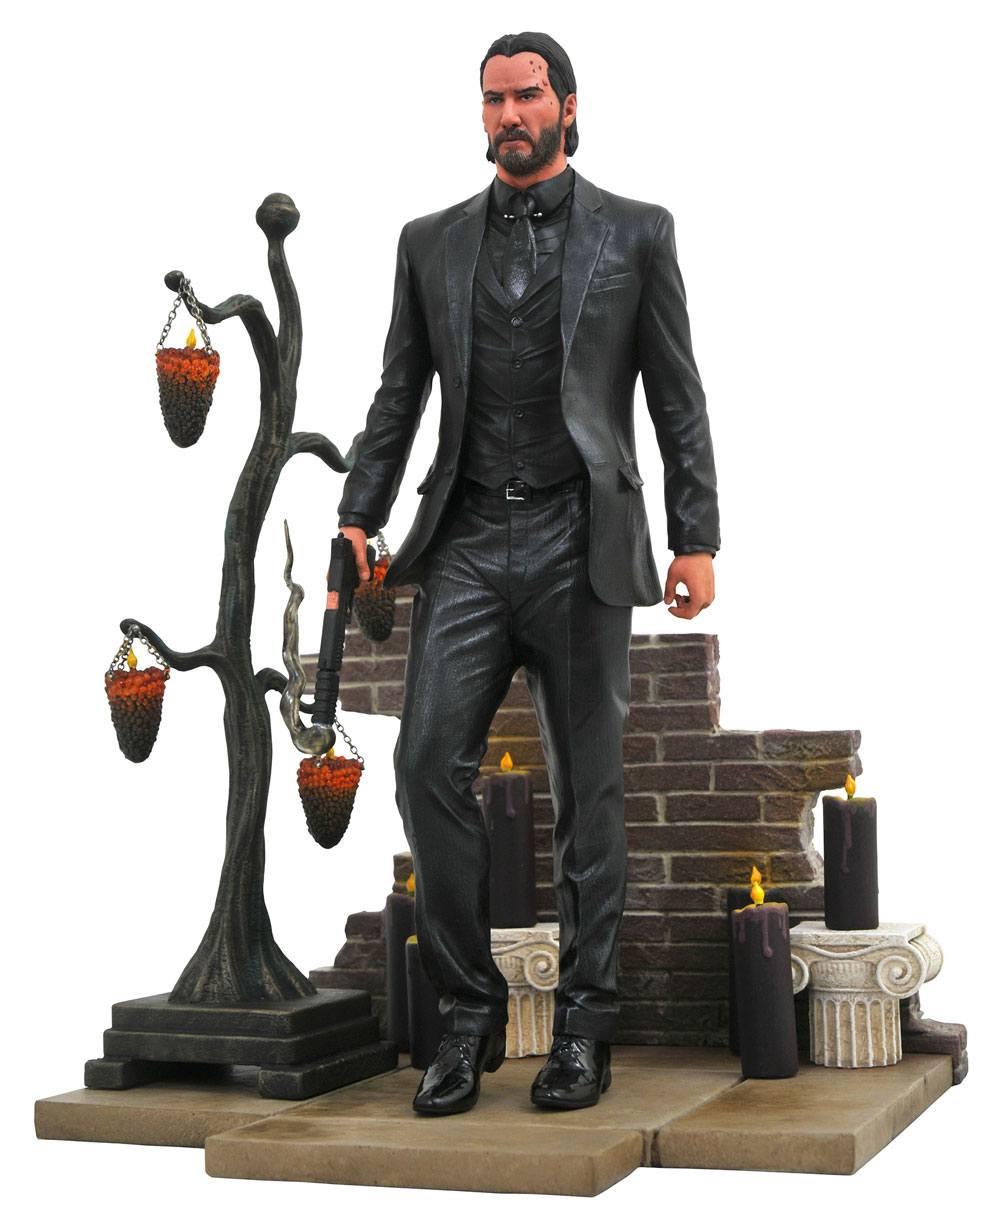 John Wick Gallery PVC Statue John Wick 2 23 cm